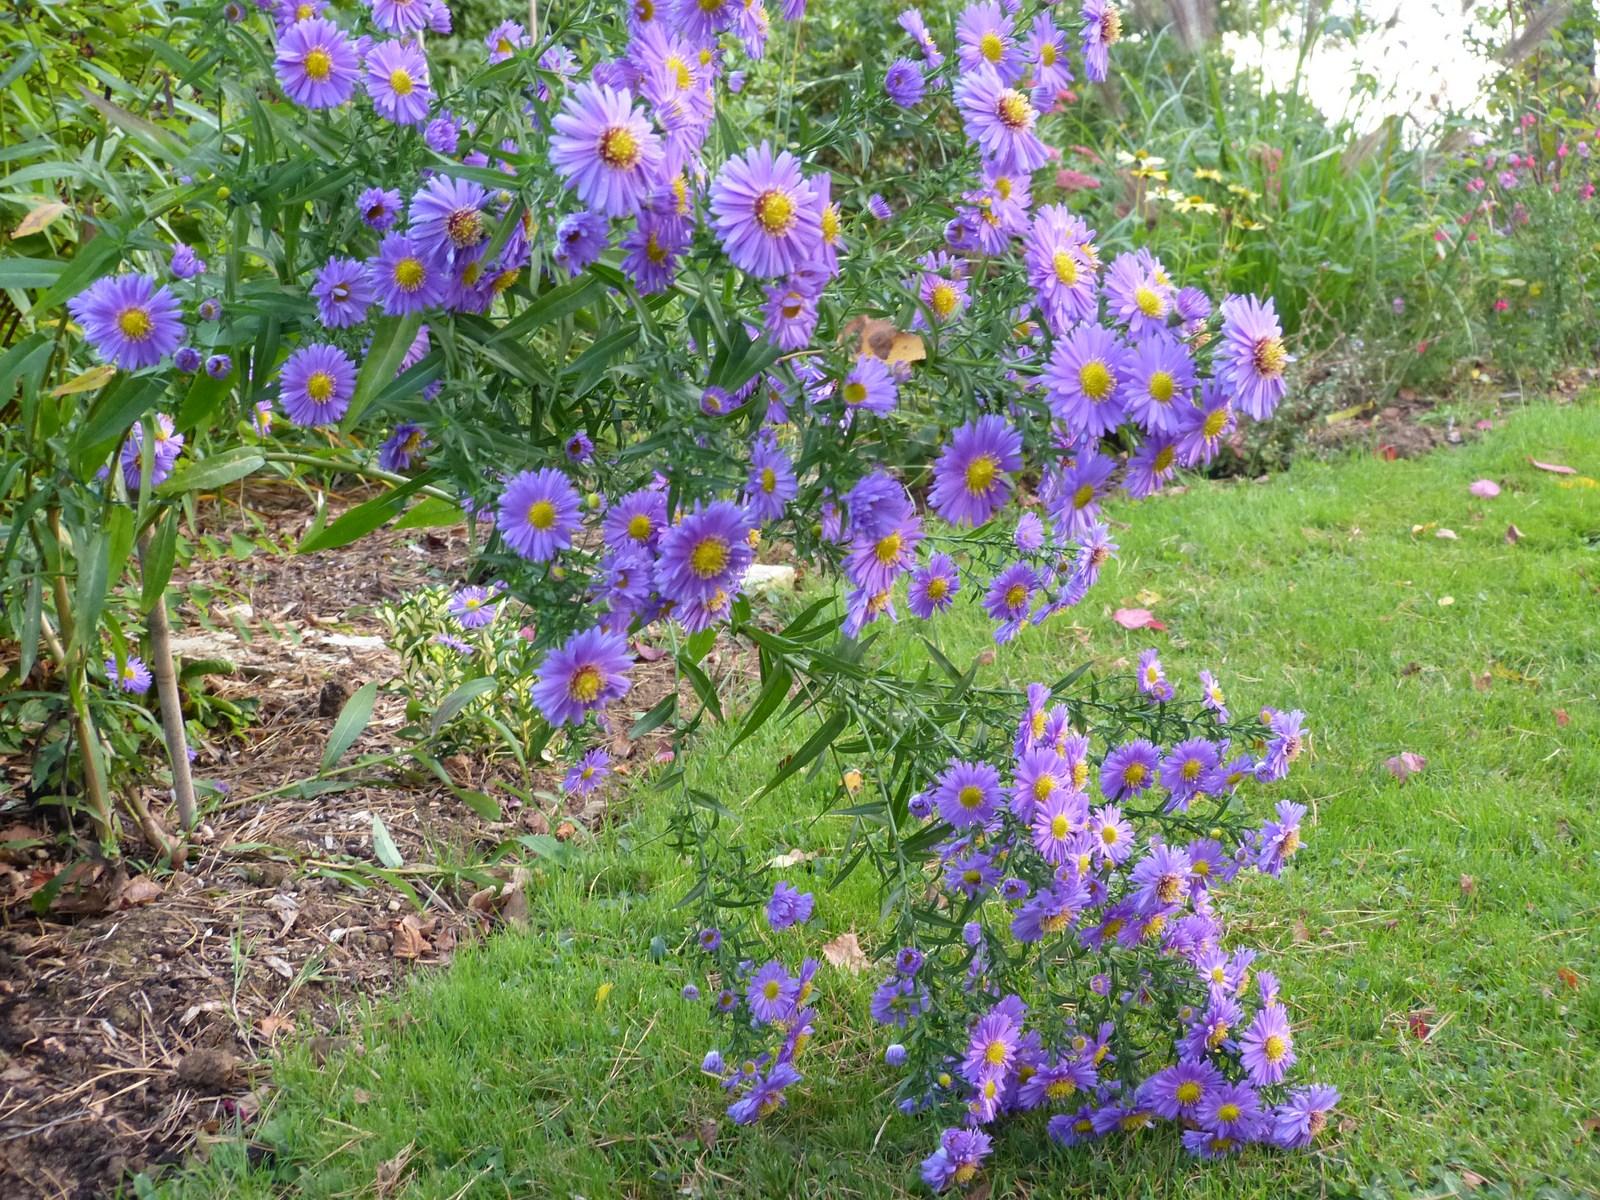 Scenery spring pictures arbuste de printemps fleurs - Arbuste a fleurs bleues ...